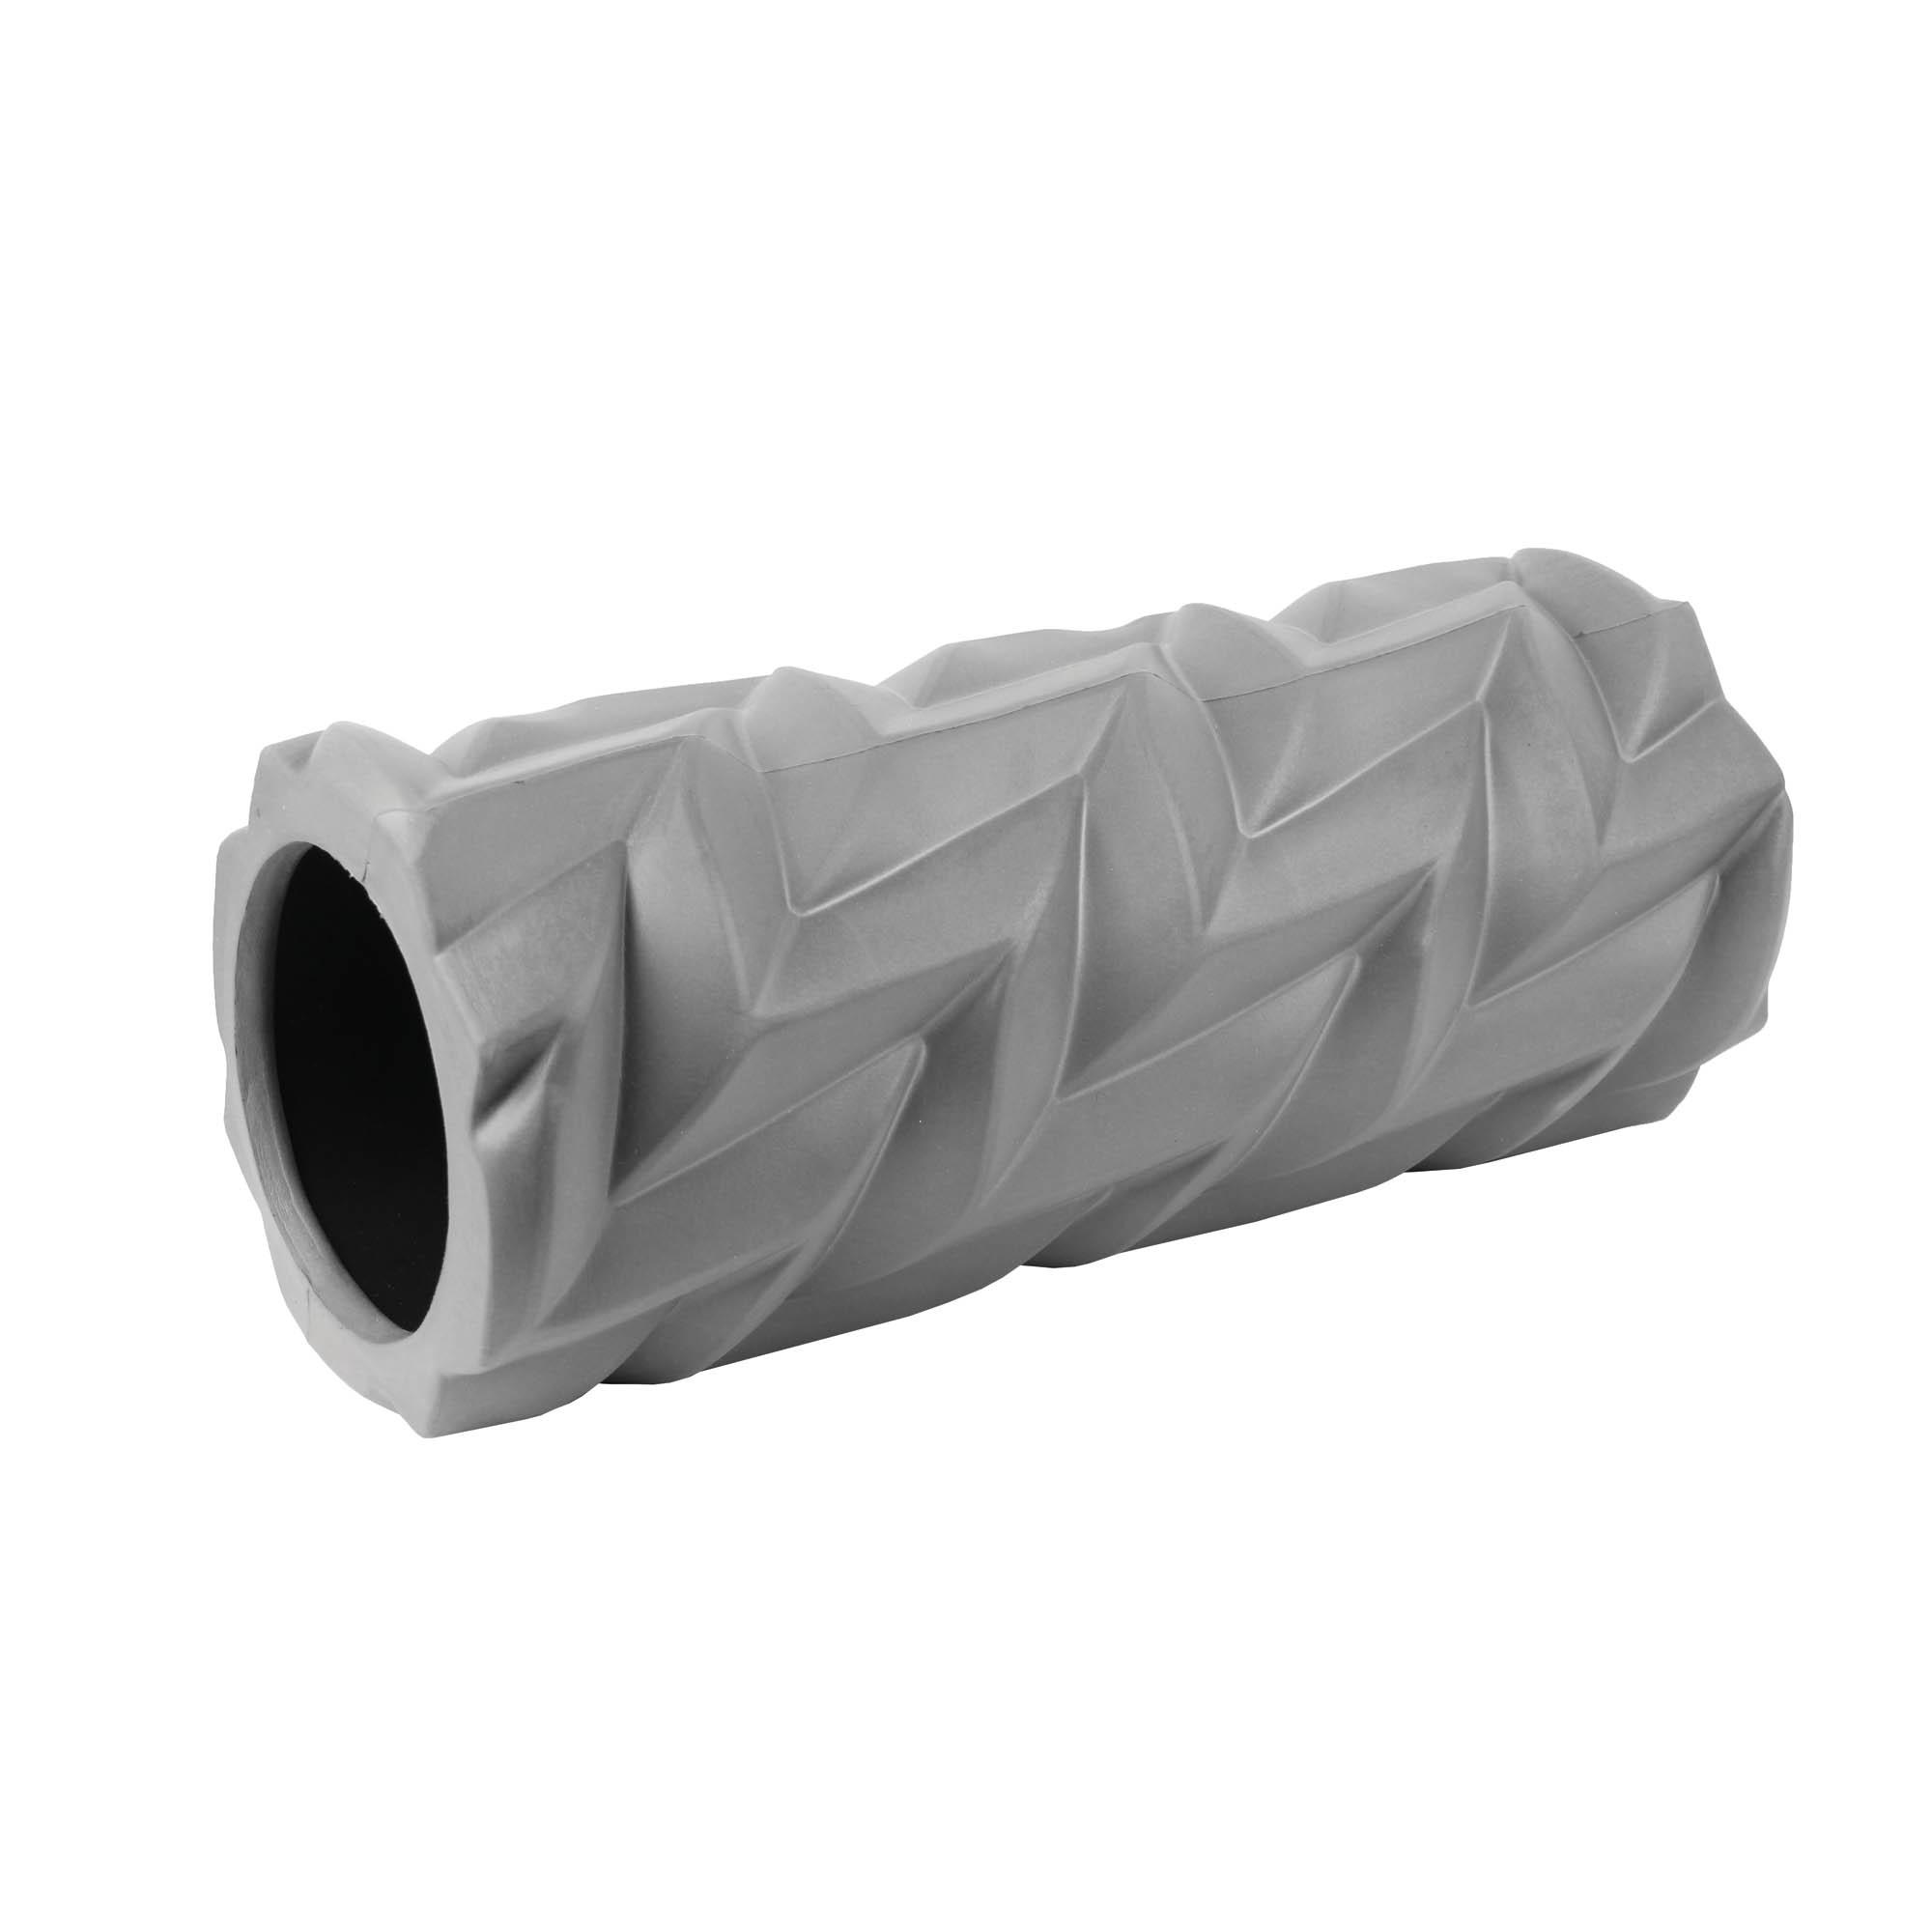 ExaFit Z Foam Roller - Grey